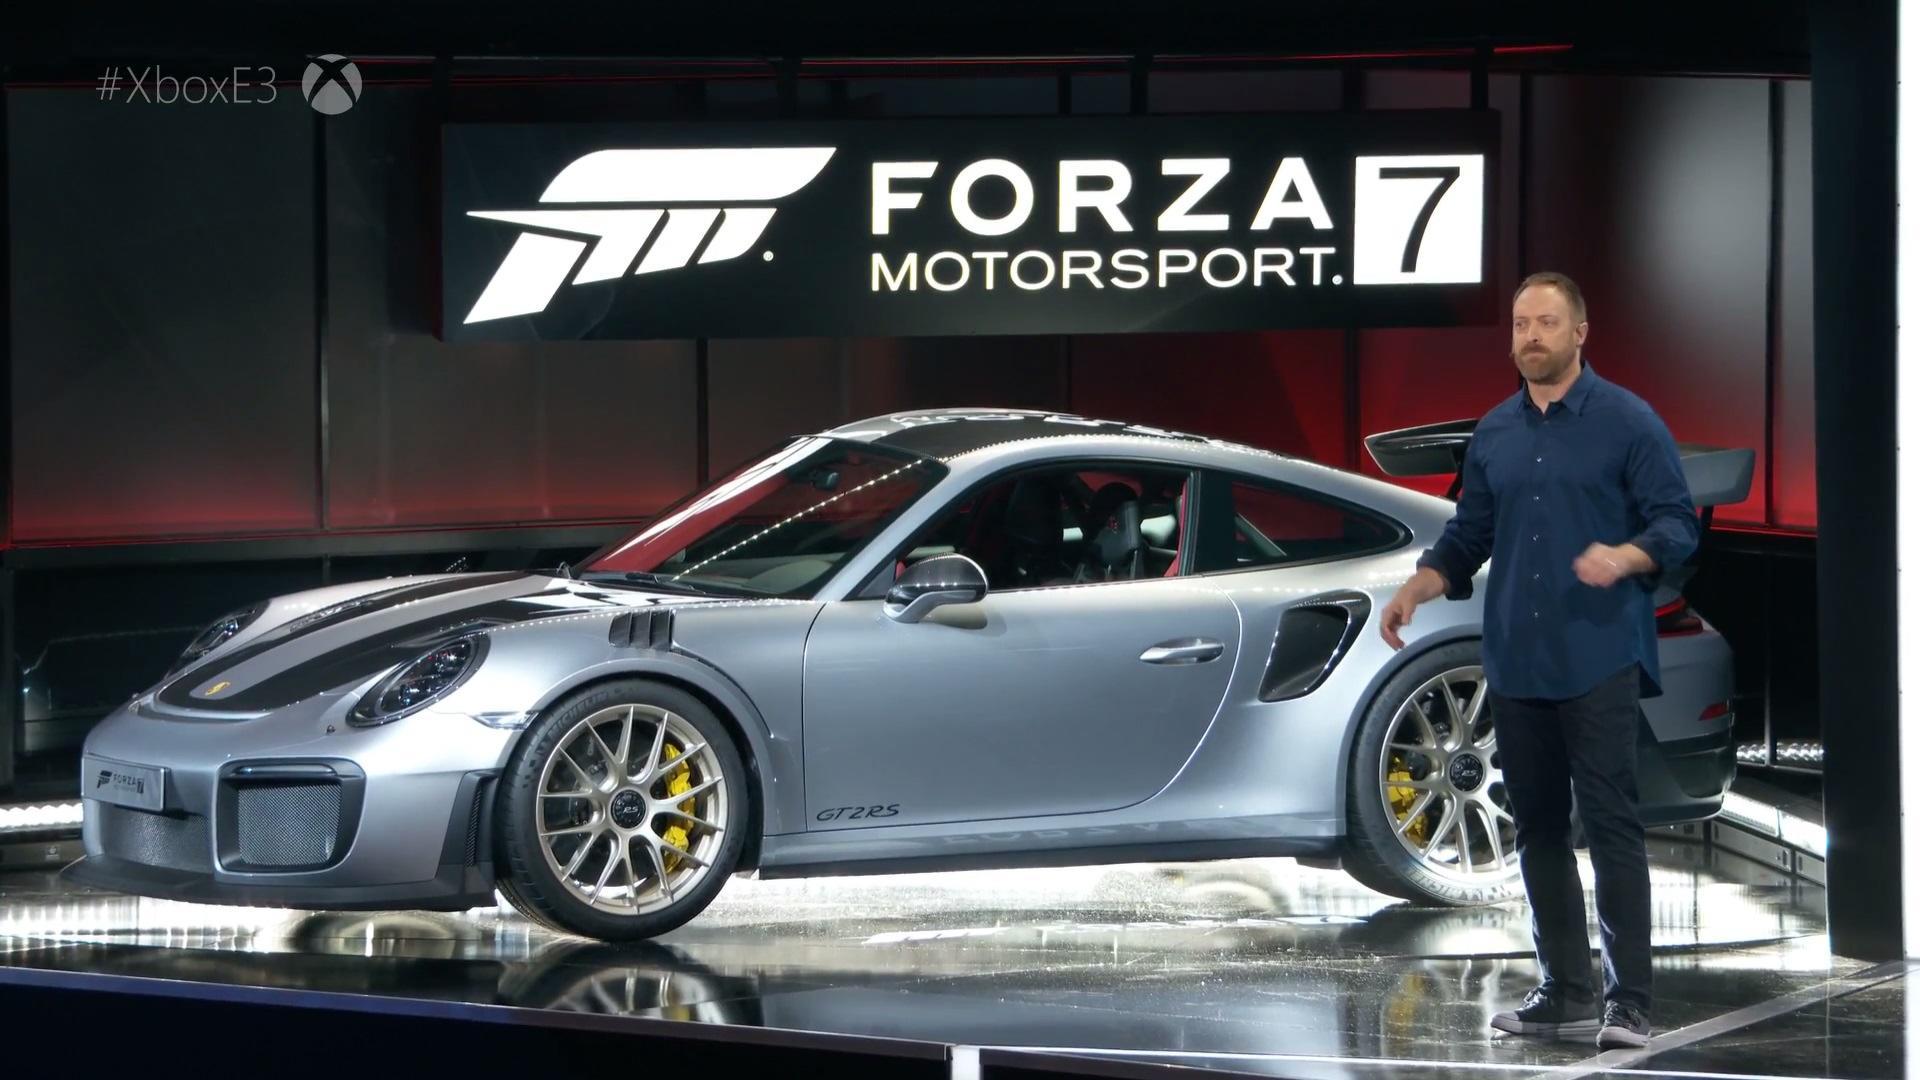 2018-porsche-911-gt2-rs-at-e3 Cozy Porsche 911 Gt2 Rs Nürburgring Cars Trend